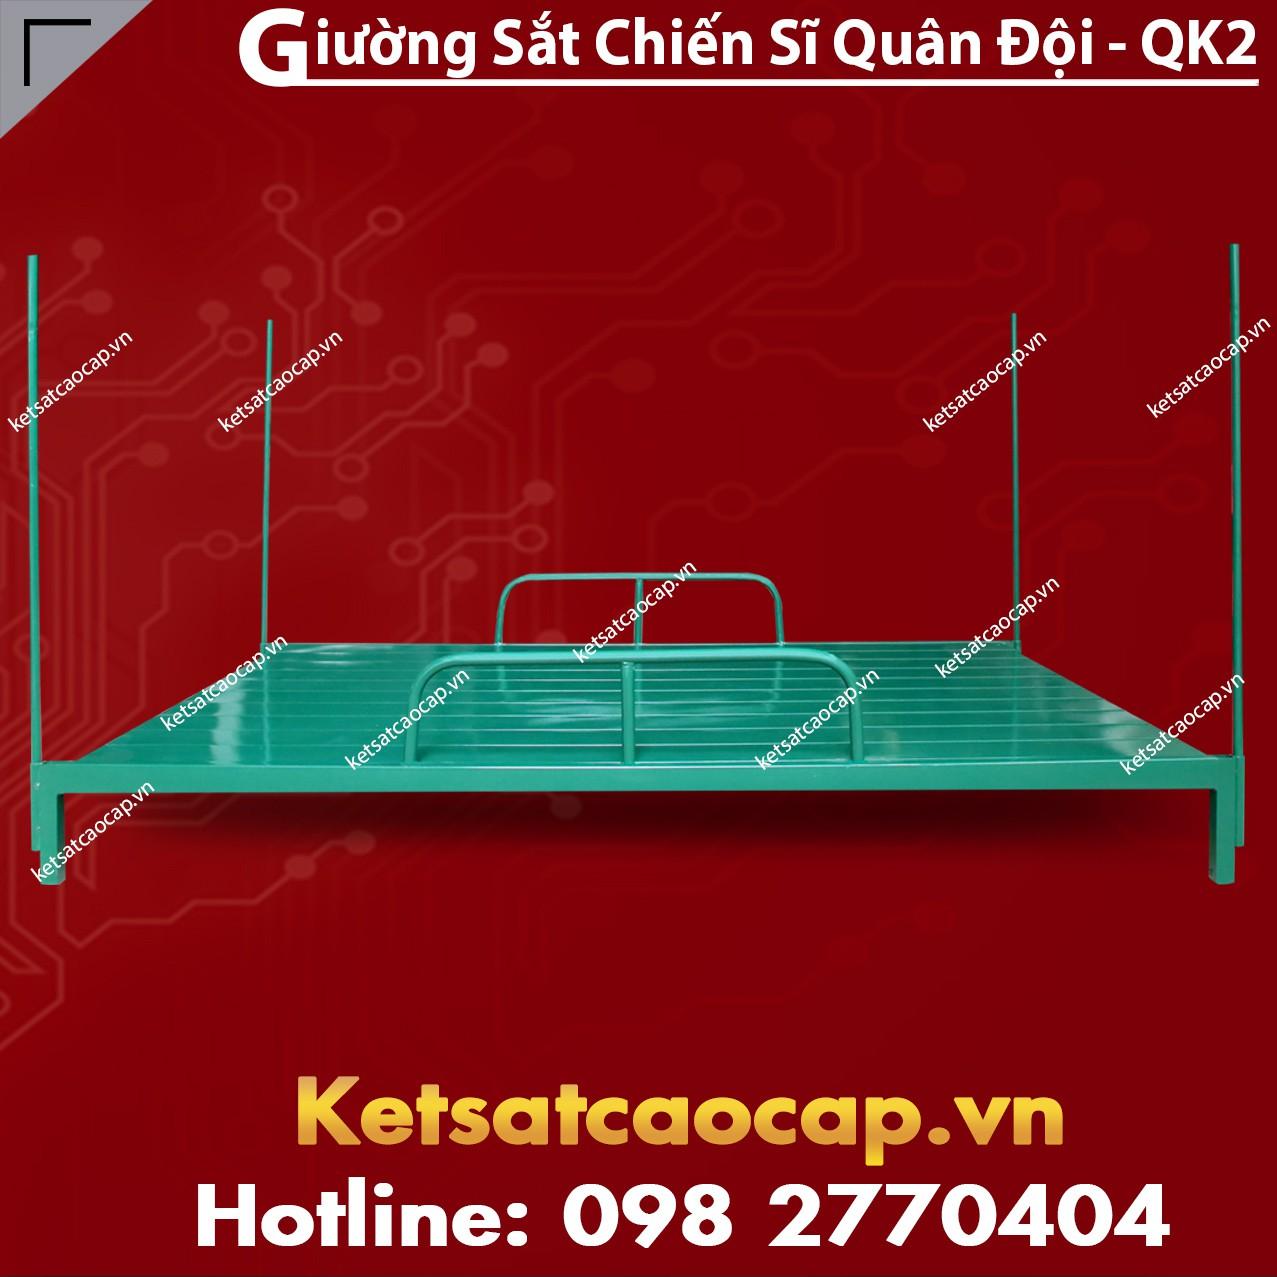 Giường Sắt Chiến Sĩ Quân Đội - QK2